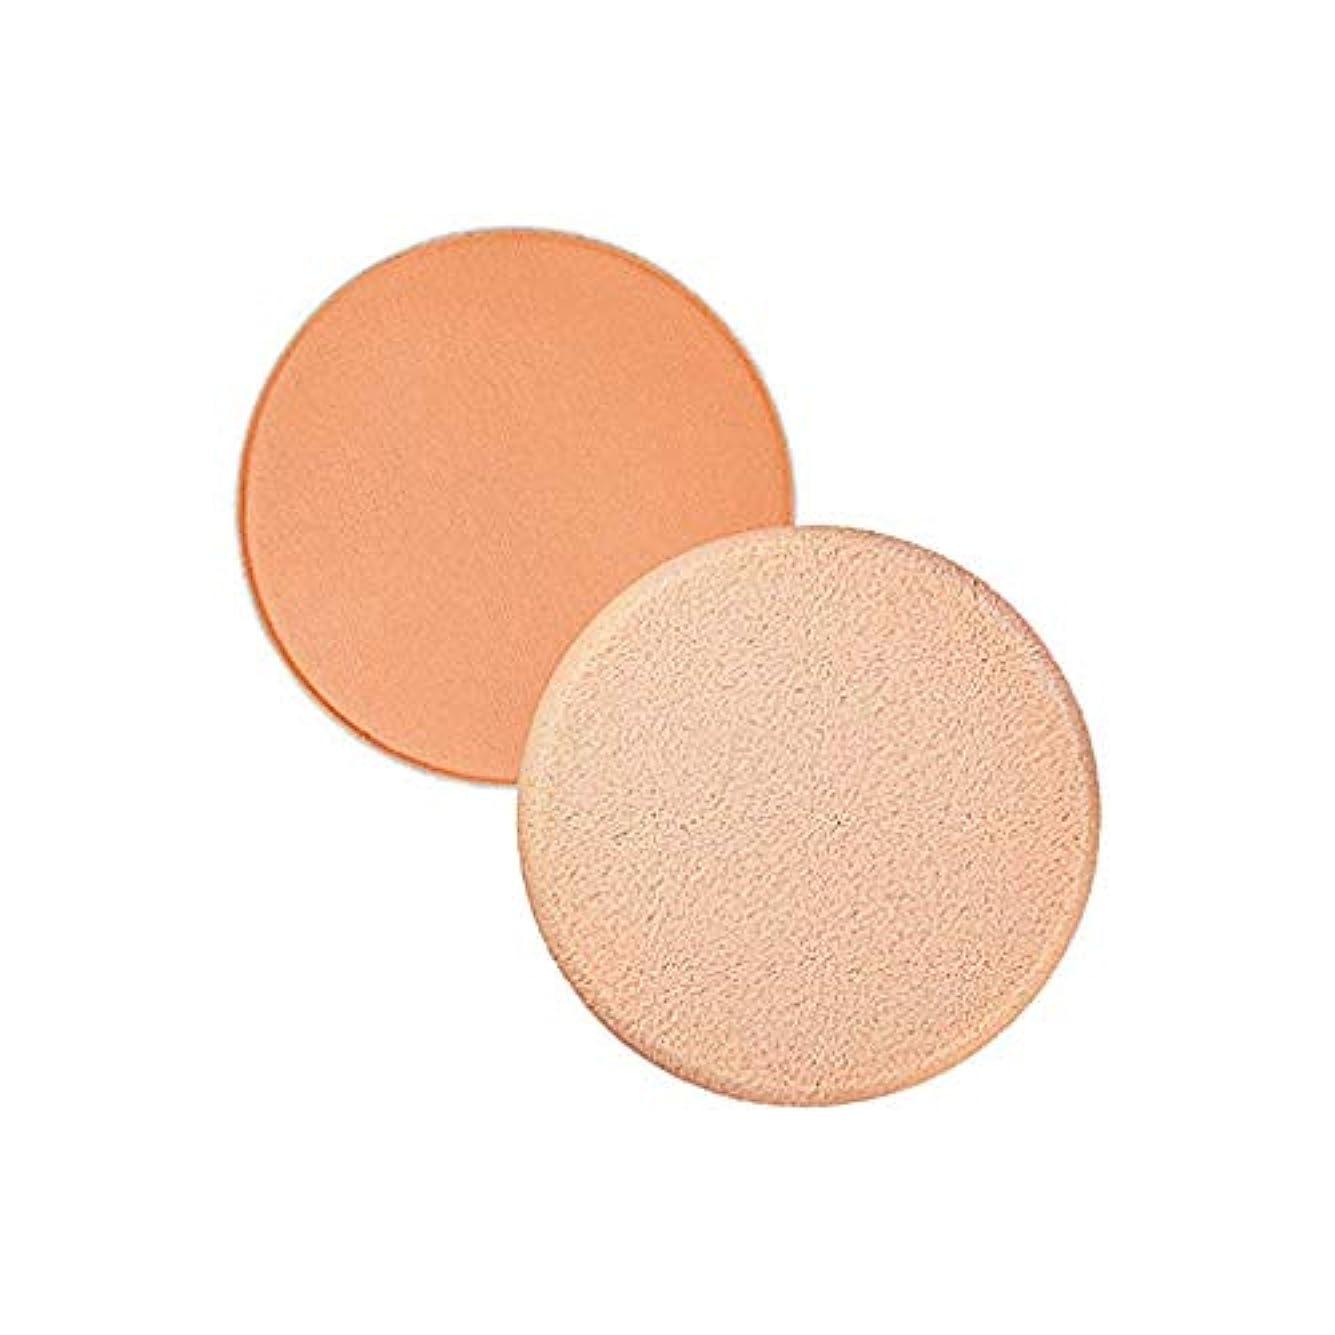 蛇行ドック星資生堂 UV Protective Compact Foundation SPF36 Refill - #Light Ivory 12g/0.42oz並行輸入品